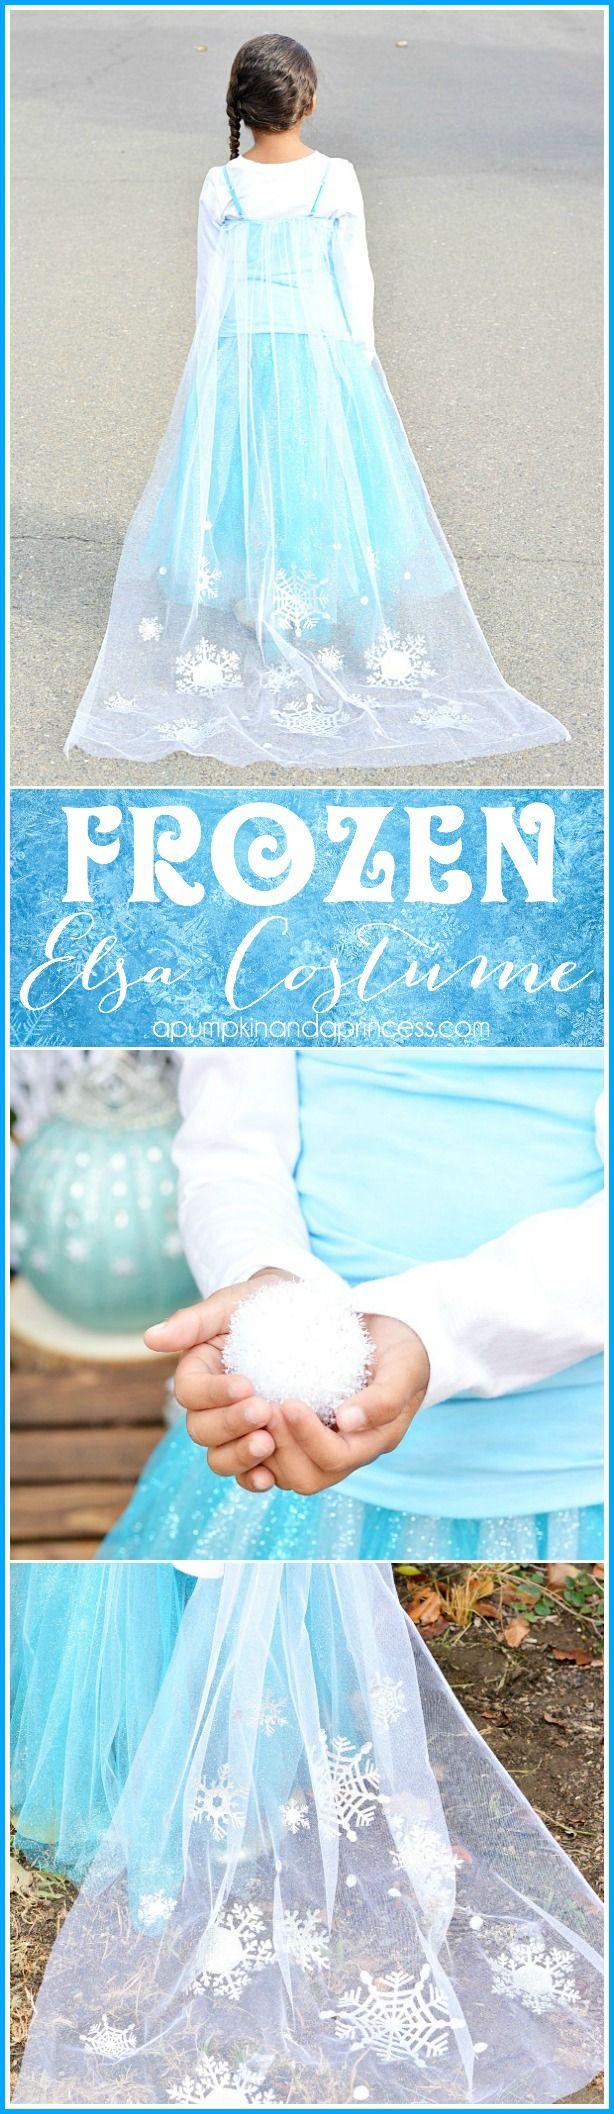 DIY Disney Frozen Elsa Costume #Frozen #MichaelsMakers